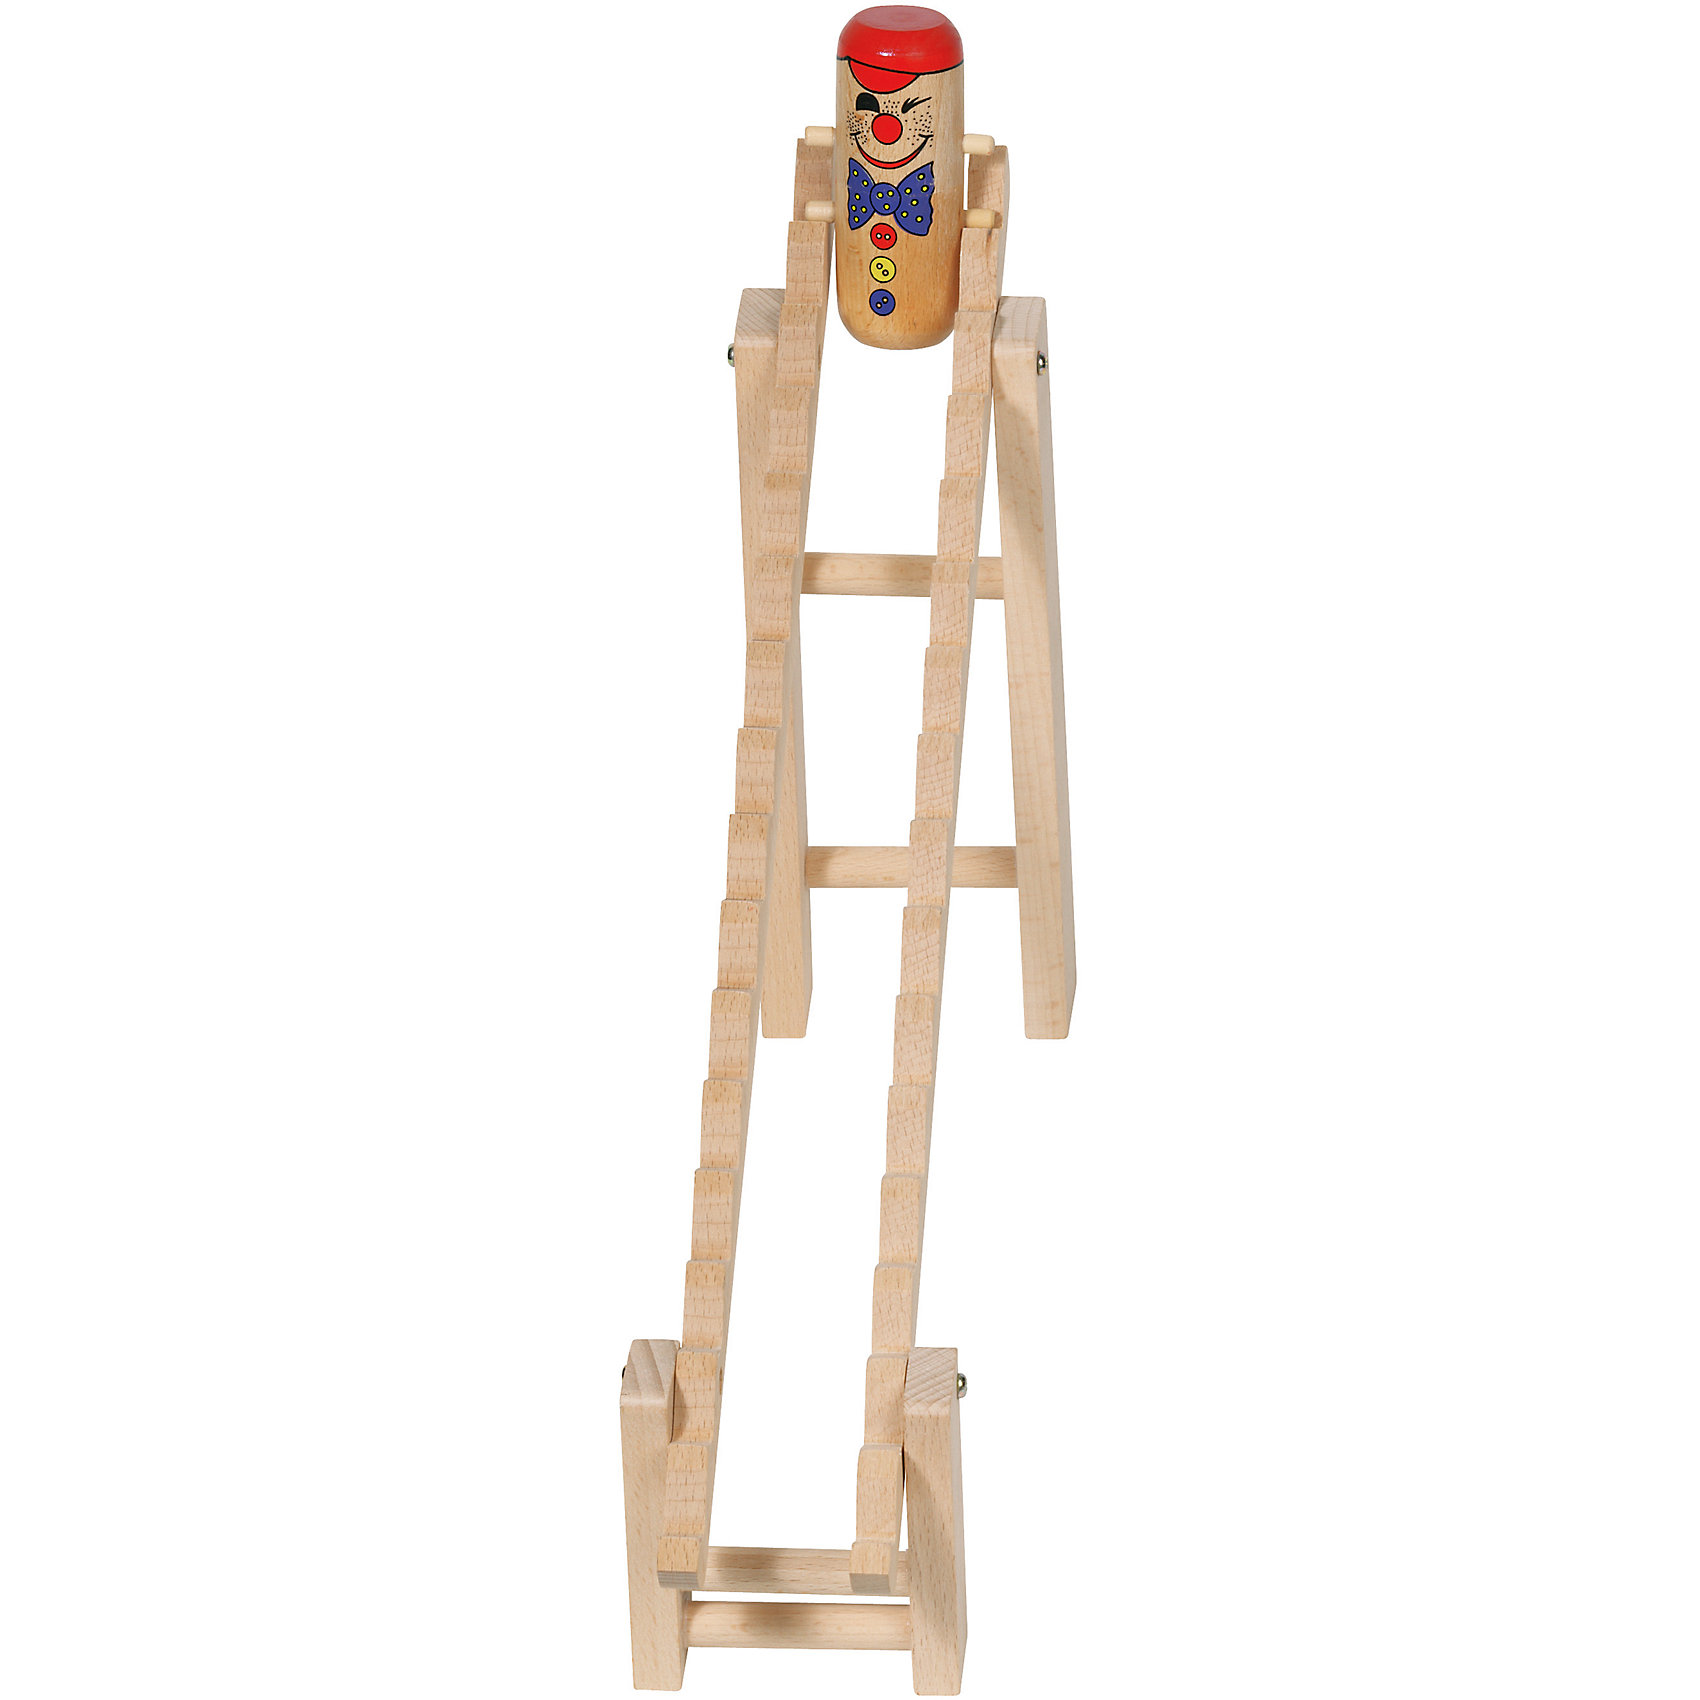 Клоун на лестнице, gokiЭта оригинальная игрушка обязательно понравится всем малышам! Клоун кувыркается через голову, спускаясь по лесенке. Игрушка выполнена из натурального дерева, раскрашена безопасными красителями. <br><br>Дополнительная информация:<br><br>- Материал: дерево.<br>- Размер: 44х25,5 см.<br><br>Клоуна на лестнице, goki (Гоки), можно купить в нашем магазине.<br><br>Ширина мм: 440<br>Глубина мм: 255<br>Высота мм: 60<br>Вес г: 384<br>Возраст от месяцев: 36<br>Возраст до месяцев: 2147483647<br>Пол: Унисекс<br>Возраст: Детский<br>SKU: 4214247